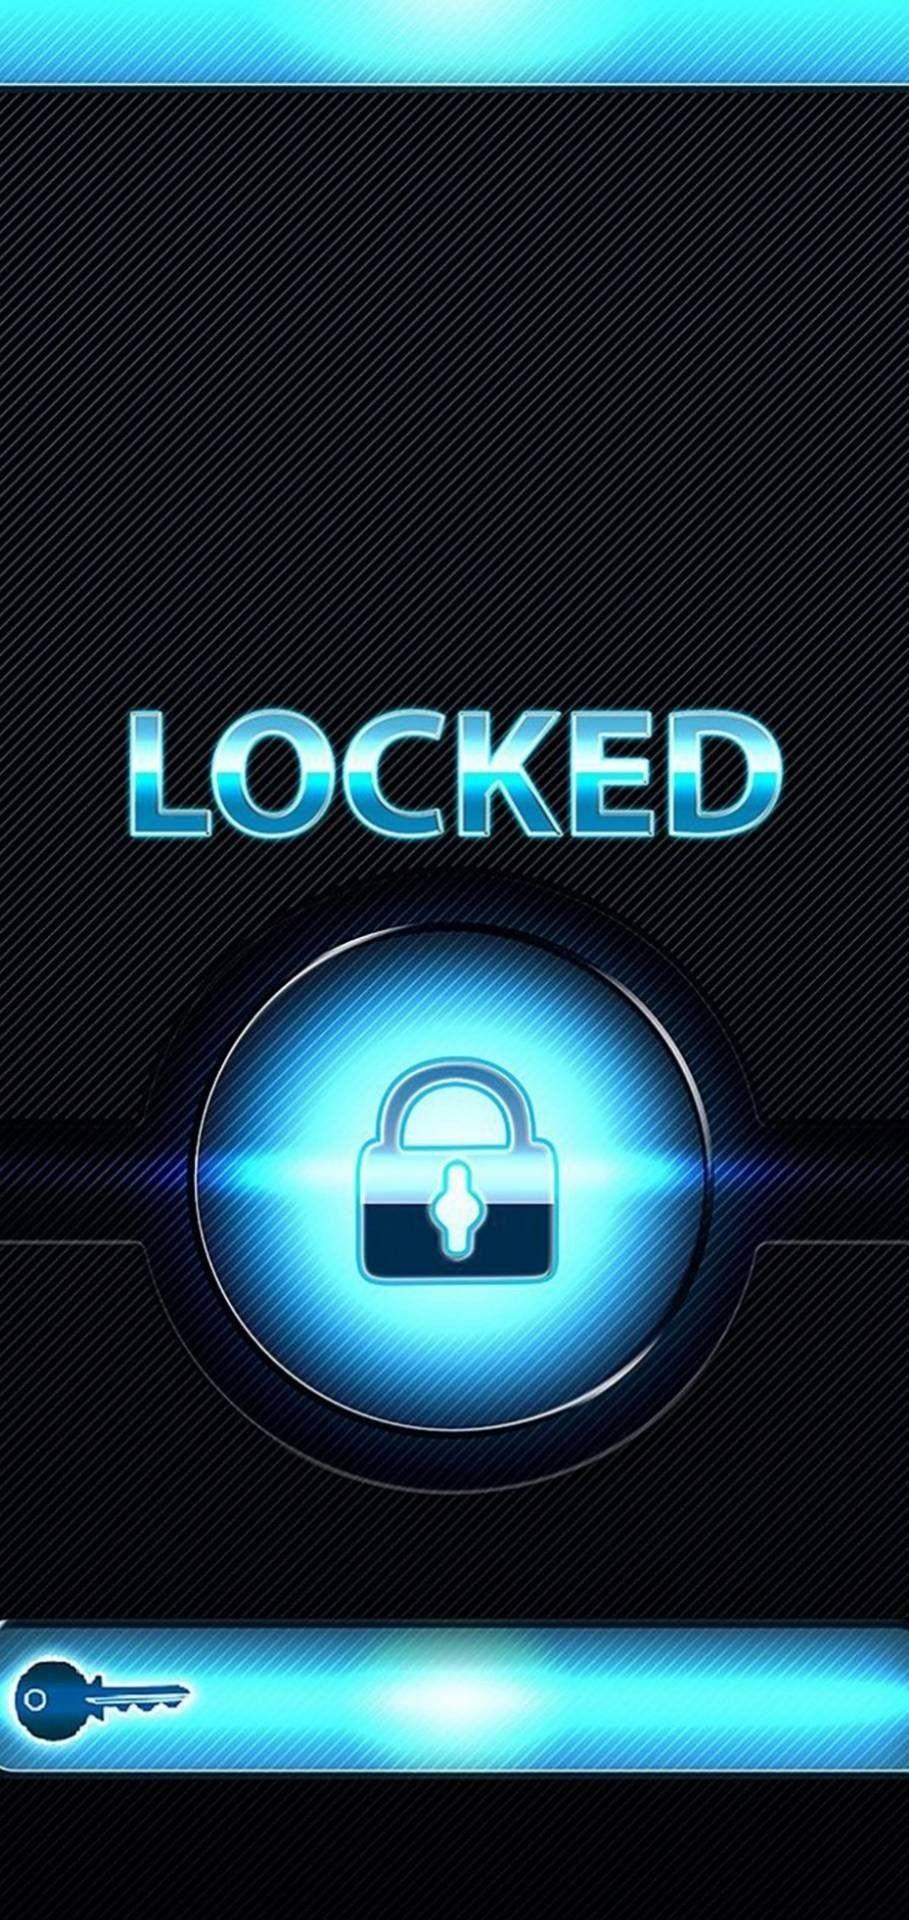 Pin von G auf Lockscreen Locked in 2020